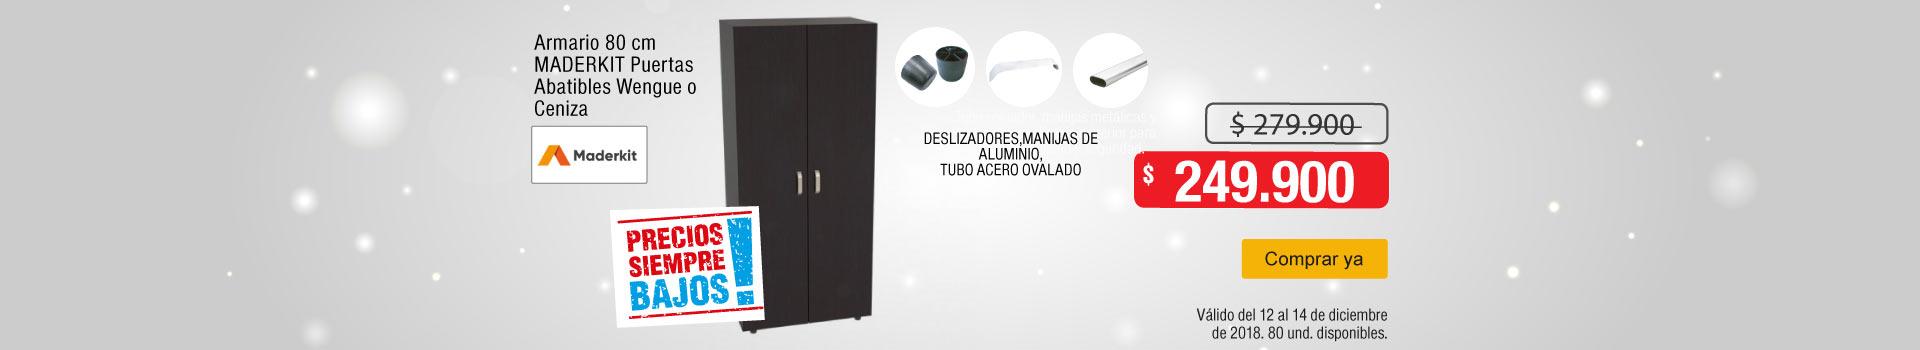 AK-BCAT-2-hogar---maderkit-puertas-abatibles-Dic12